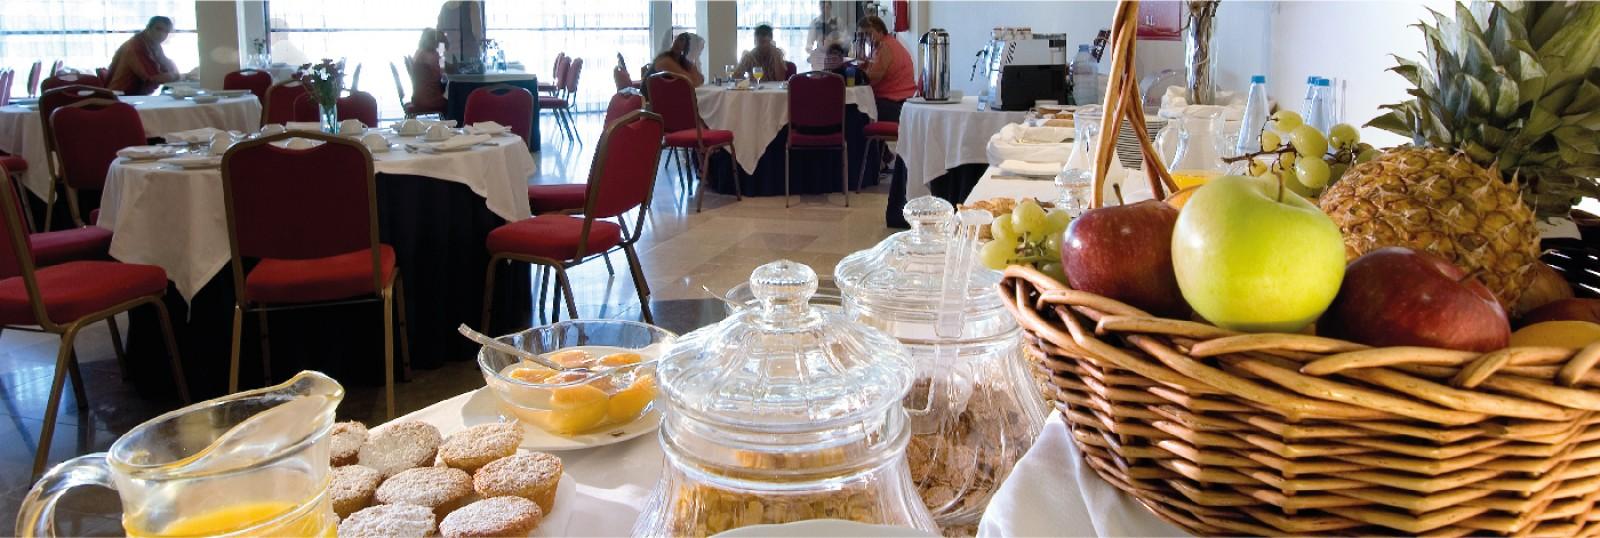 Hotel Eurosol Alcanena - Breakfast